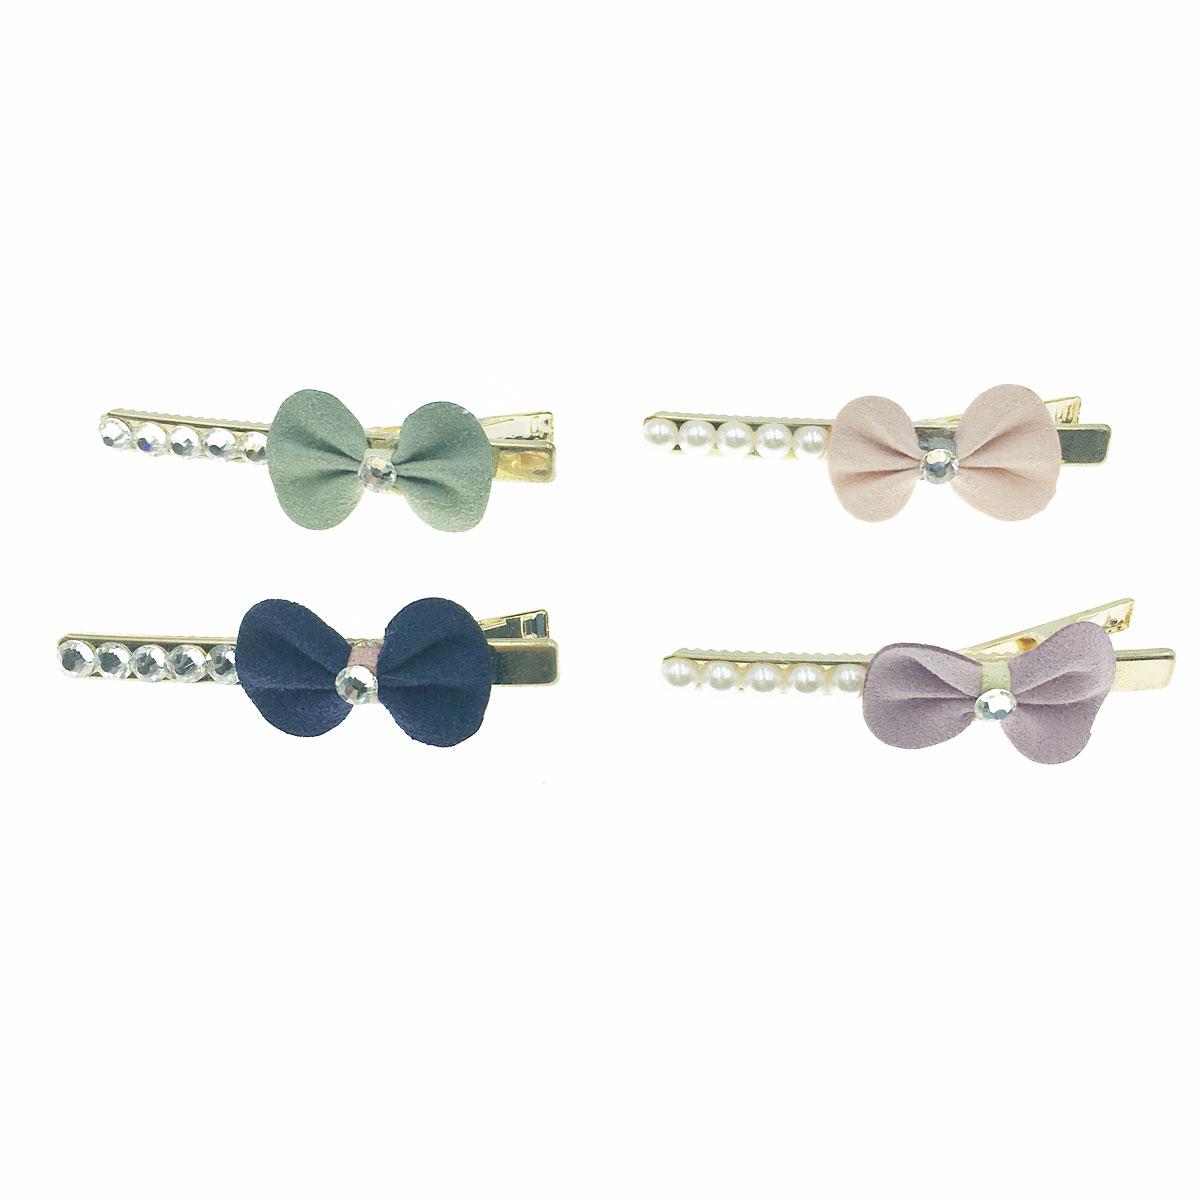 韓國 水鑽 珍珠 蝴蝶結 素色 四色 壓夾 髮夾 髮飾